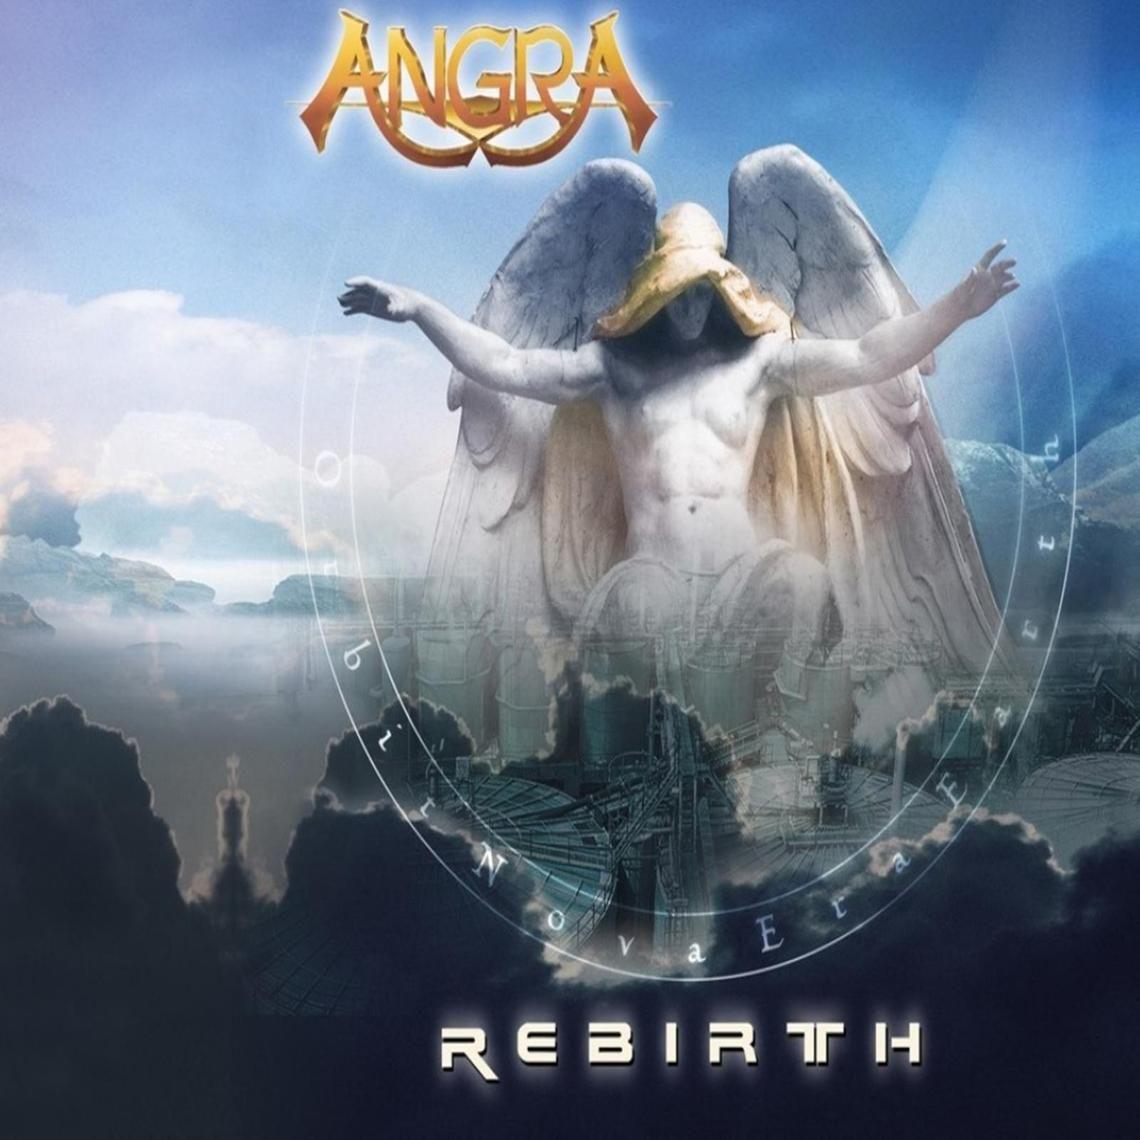 REBIRTH ALBUM DO BAIXAR ANGRA